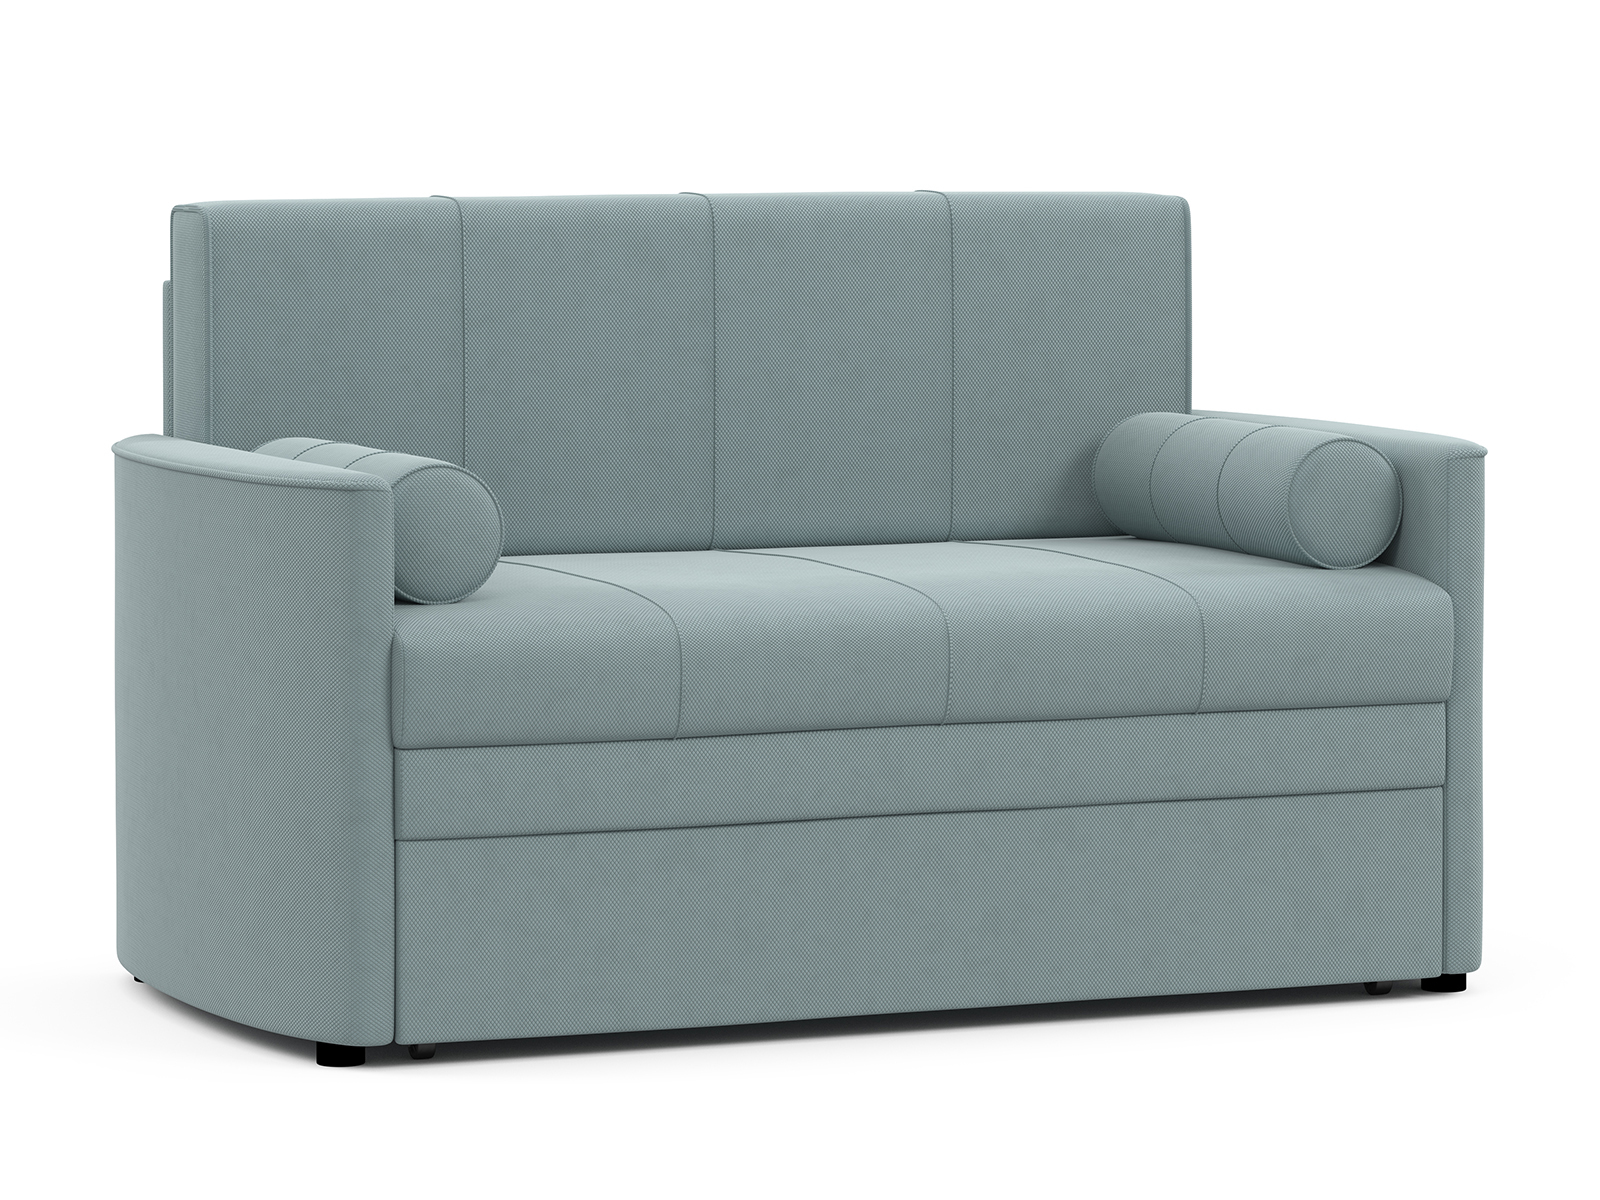 """Диван-кровать Мелани Р (120) Диван - кровать Арт. ТД 369 (Макс 900"""" (светло - серый)) , механизм Выкатной, 145х80х84 см"""